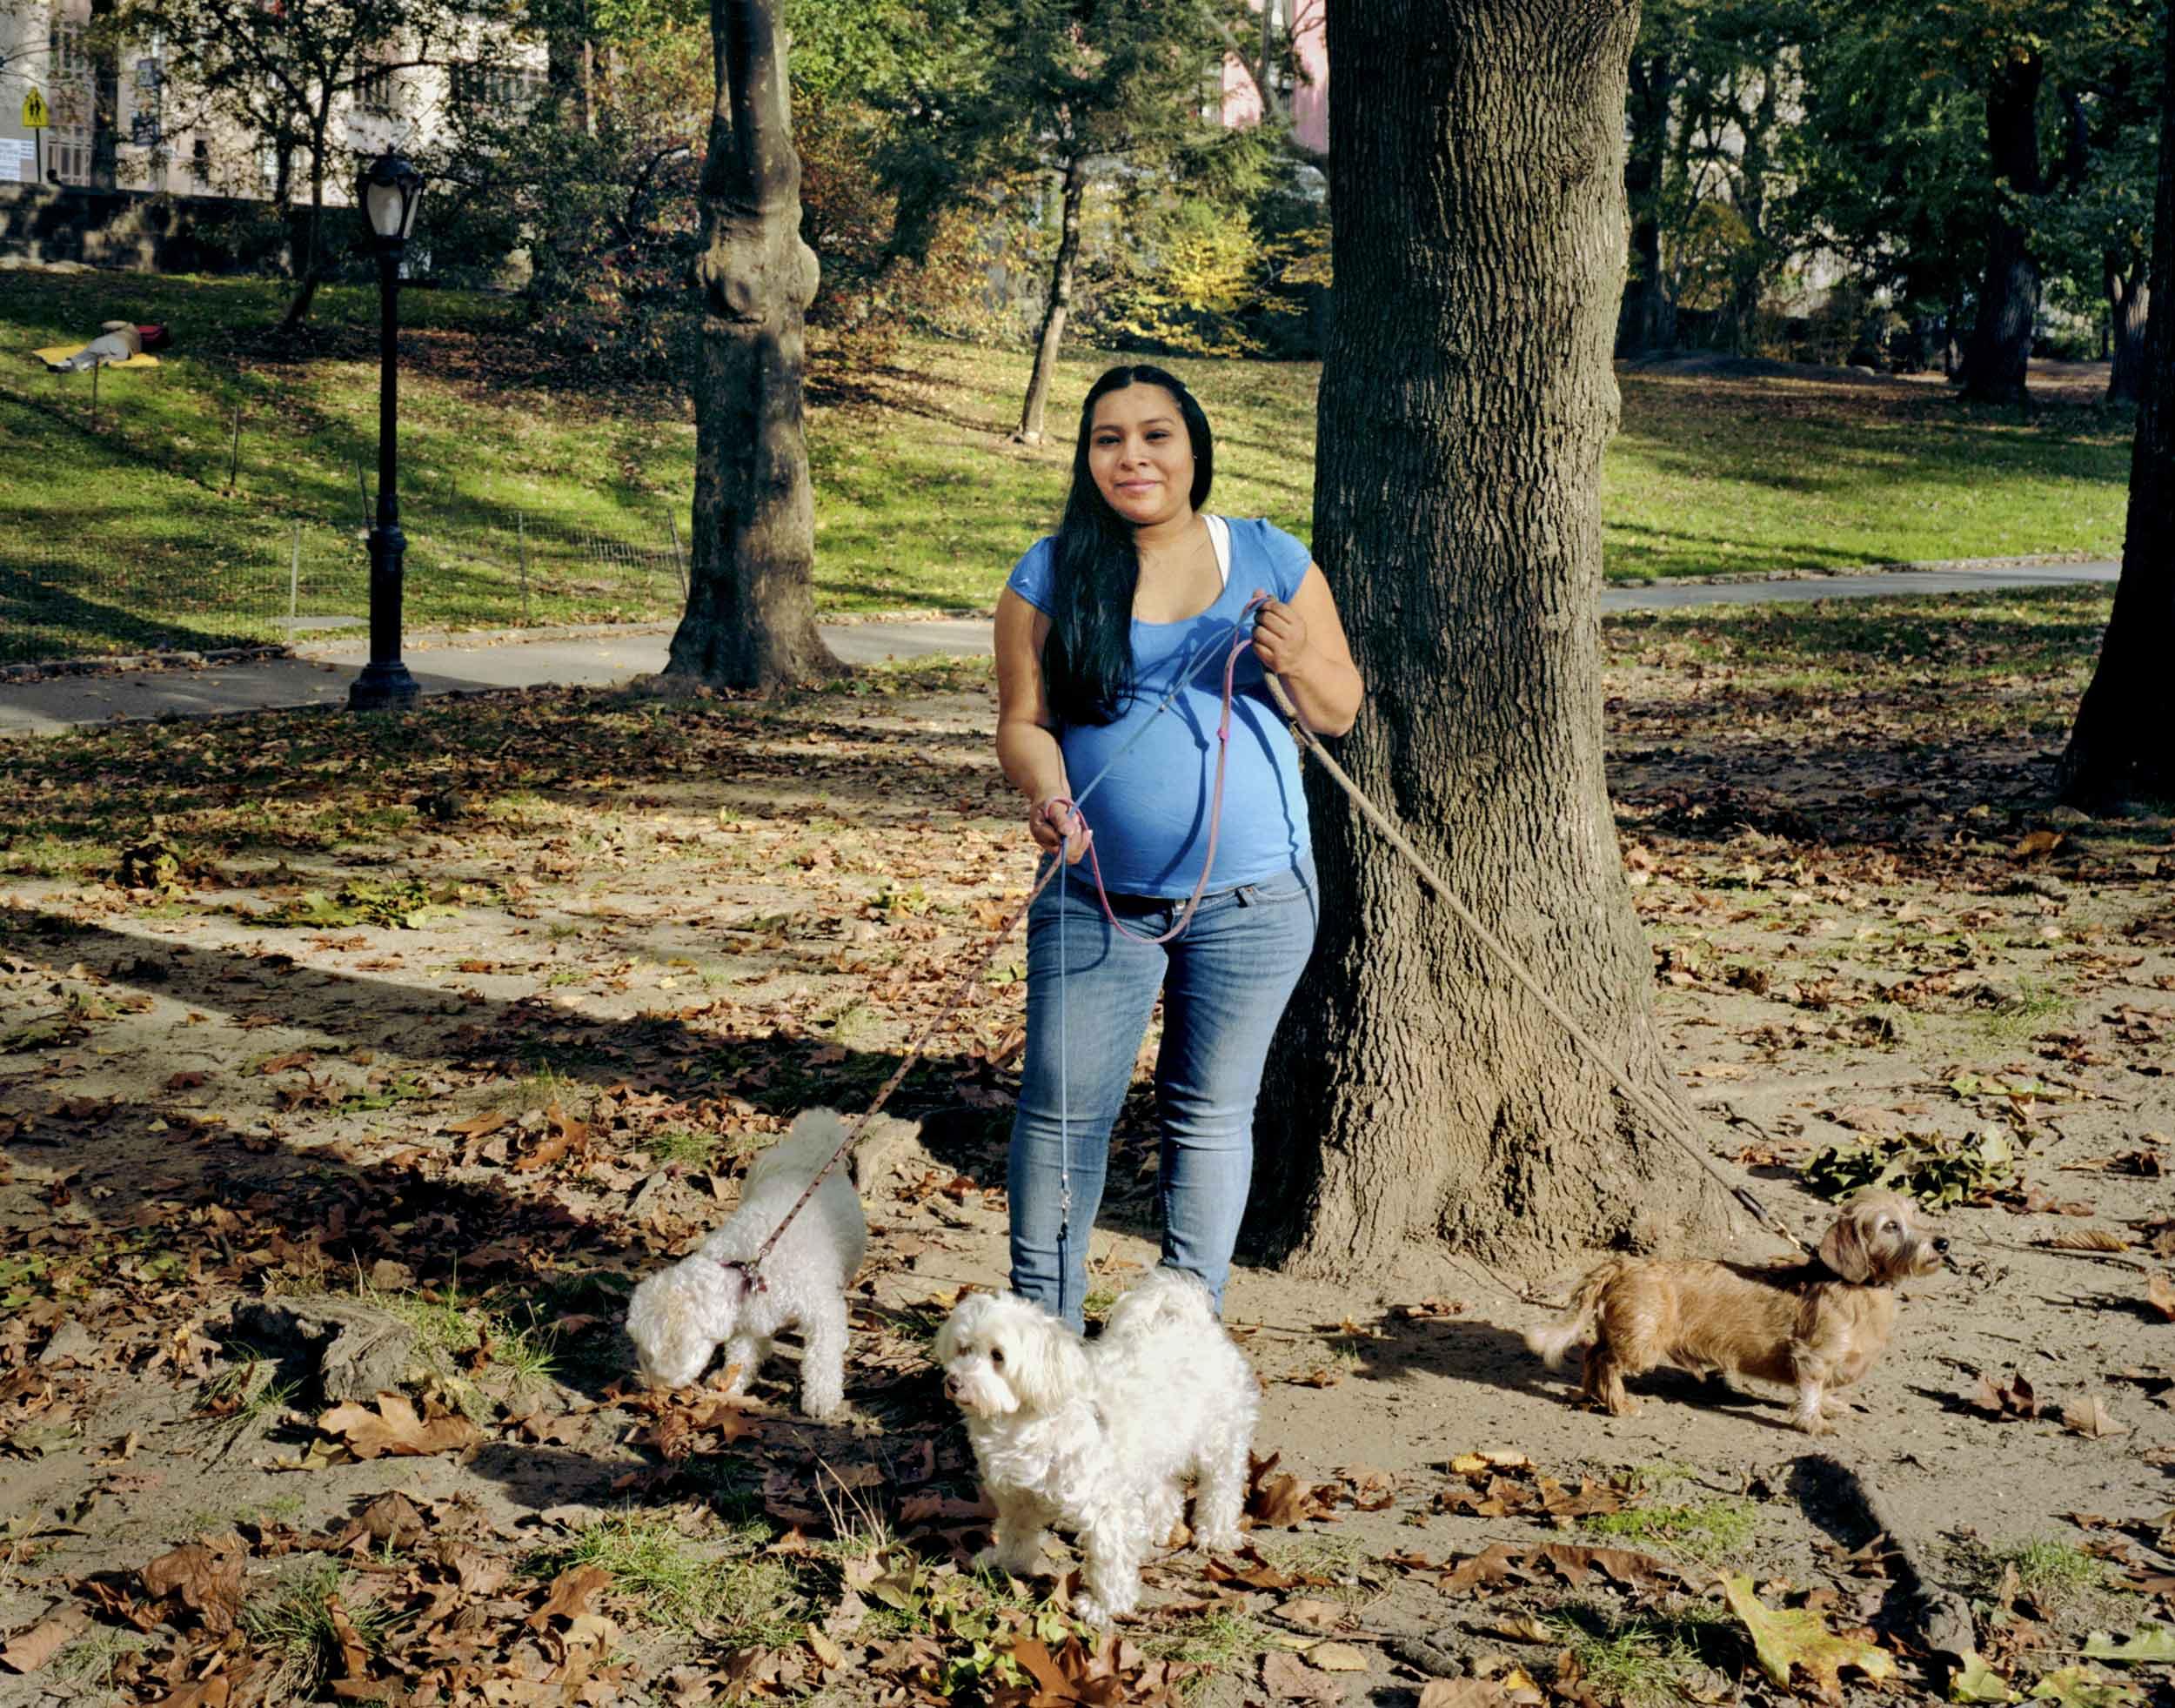 CRISTAL, DOG WALKER - 2012, © Brian Rose